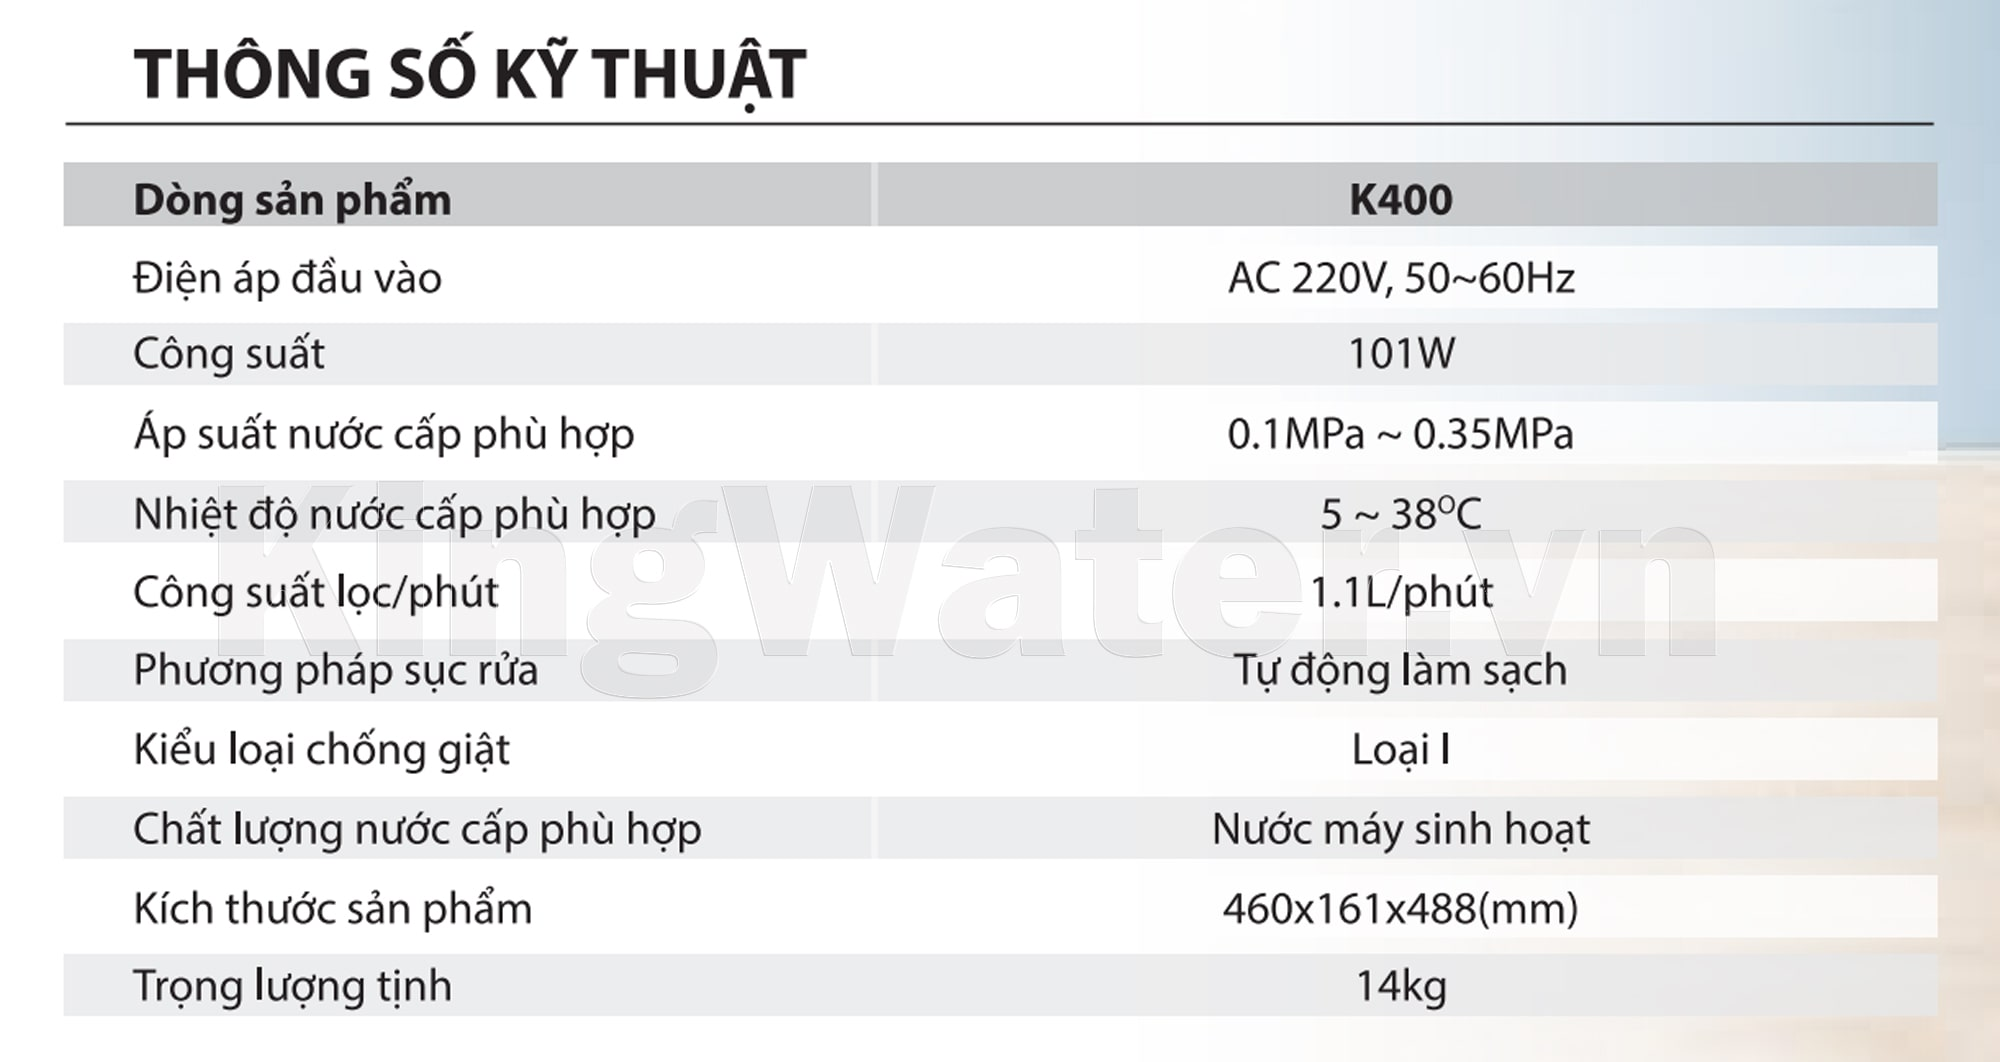 Thông số kĩ thuật máy lọc nước Ao Smith K400